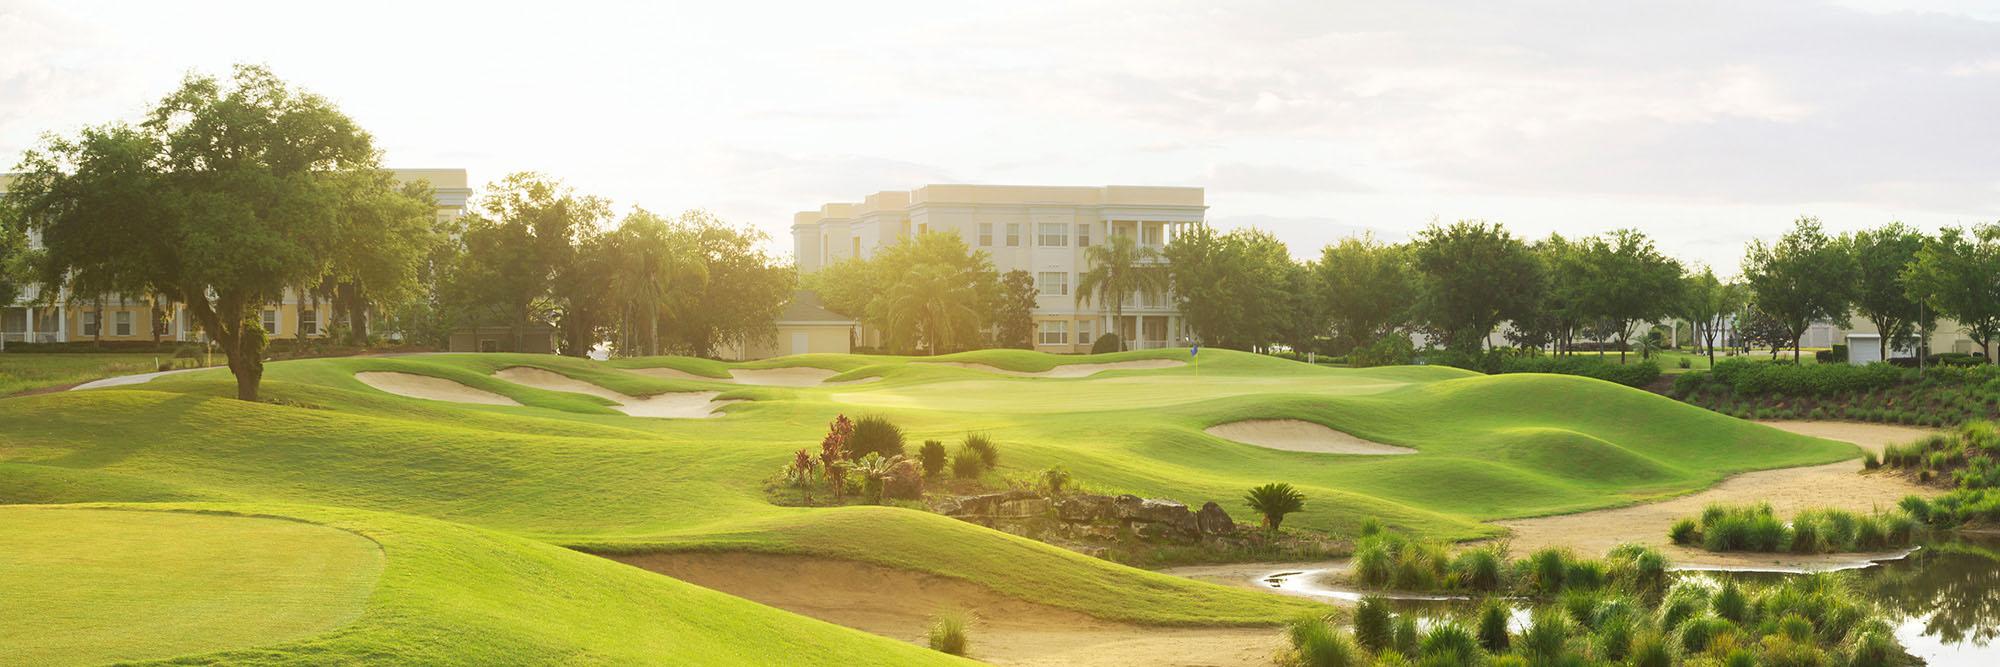 Golf Course Image - Reunion Resort Palmer No. 5